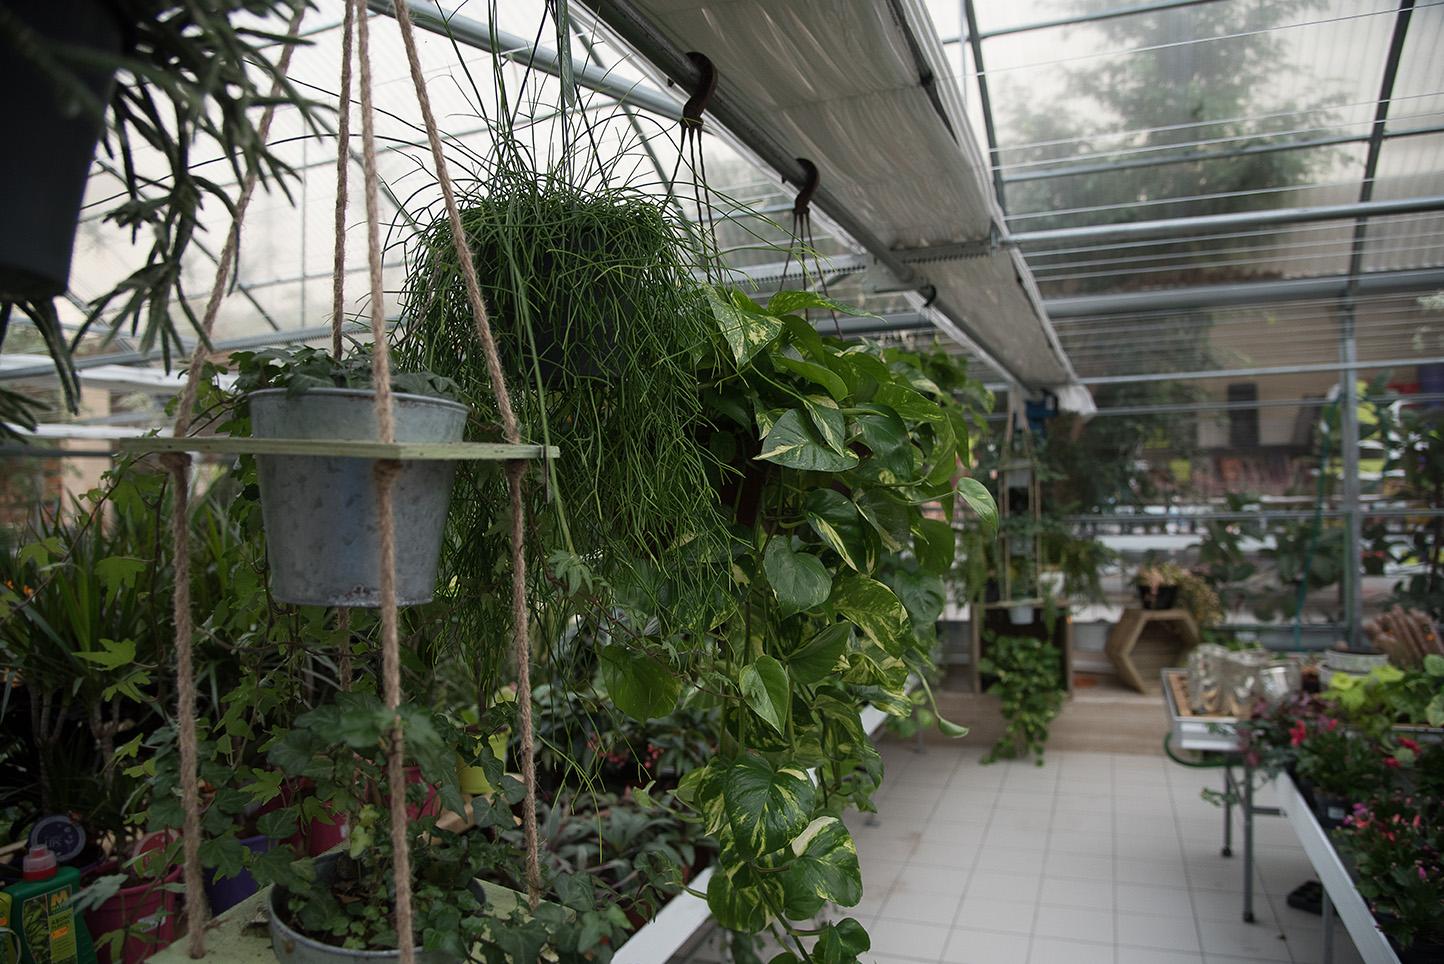 Centro de jardinería Gorbeia - Planta de interior